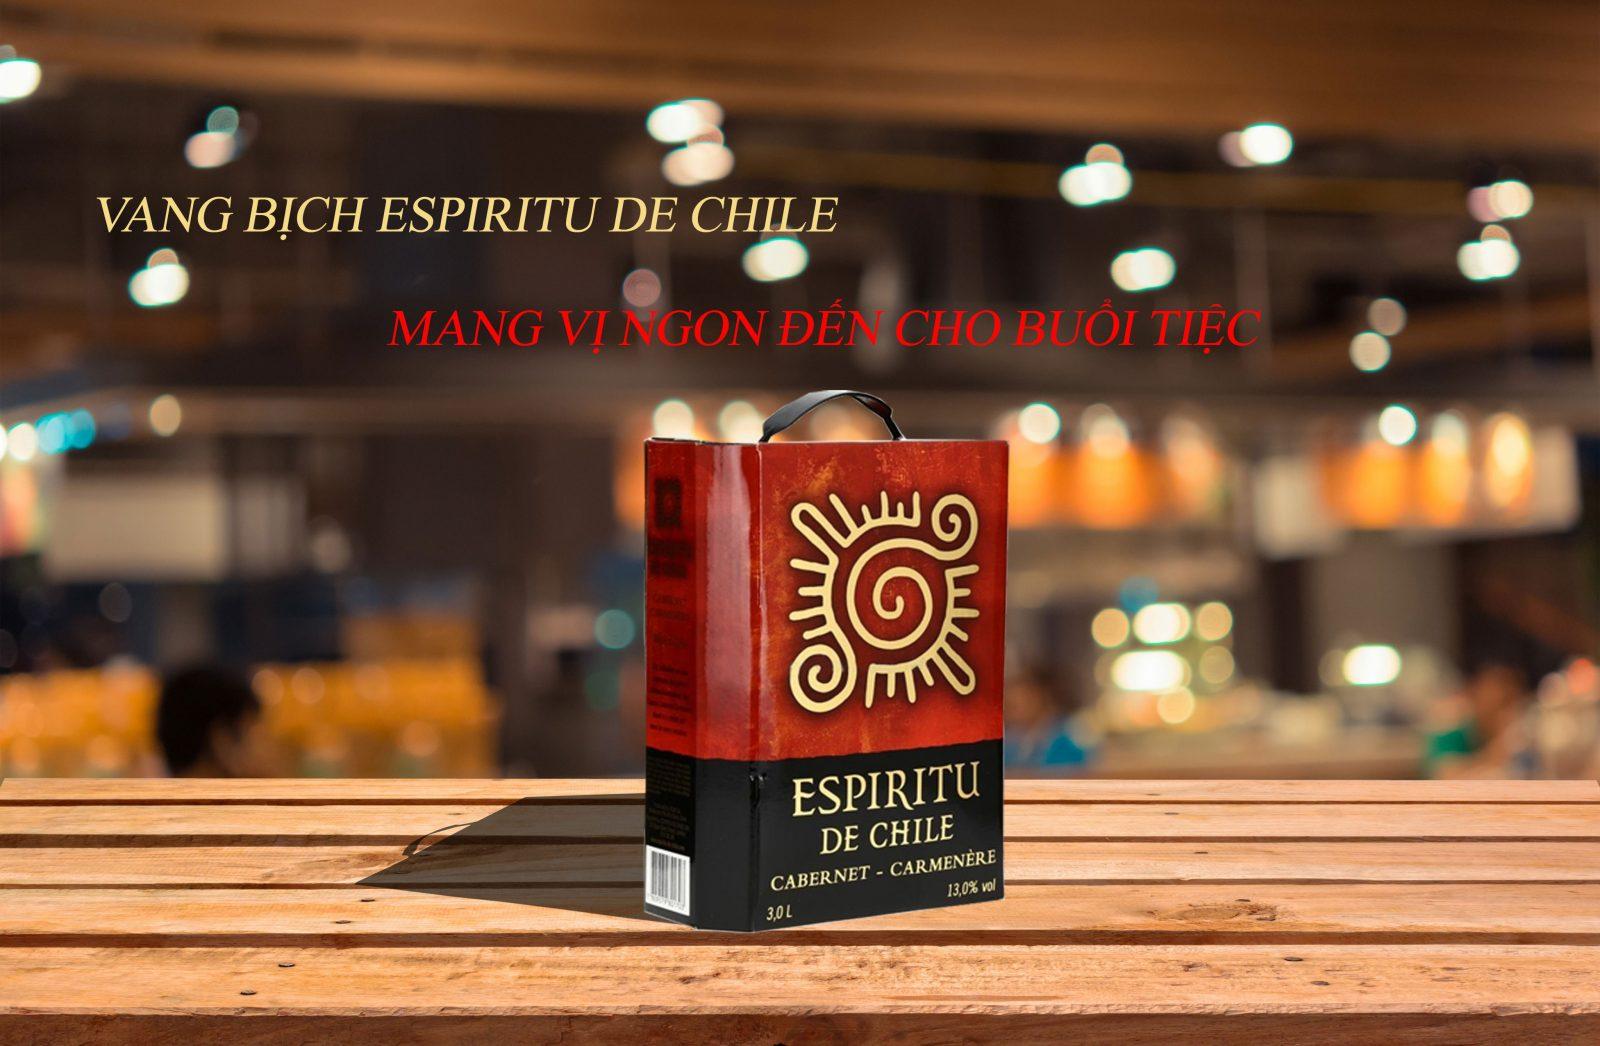 Rượu Vang Chile Bịch 3 lít Espiritu de Chile